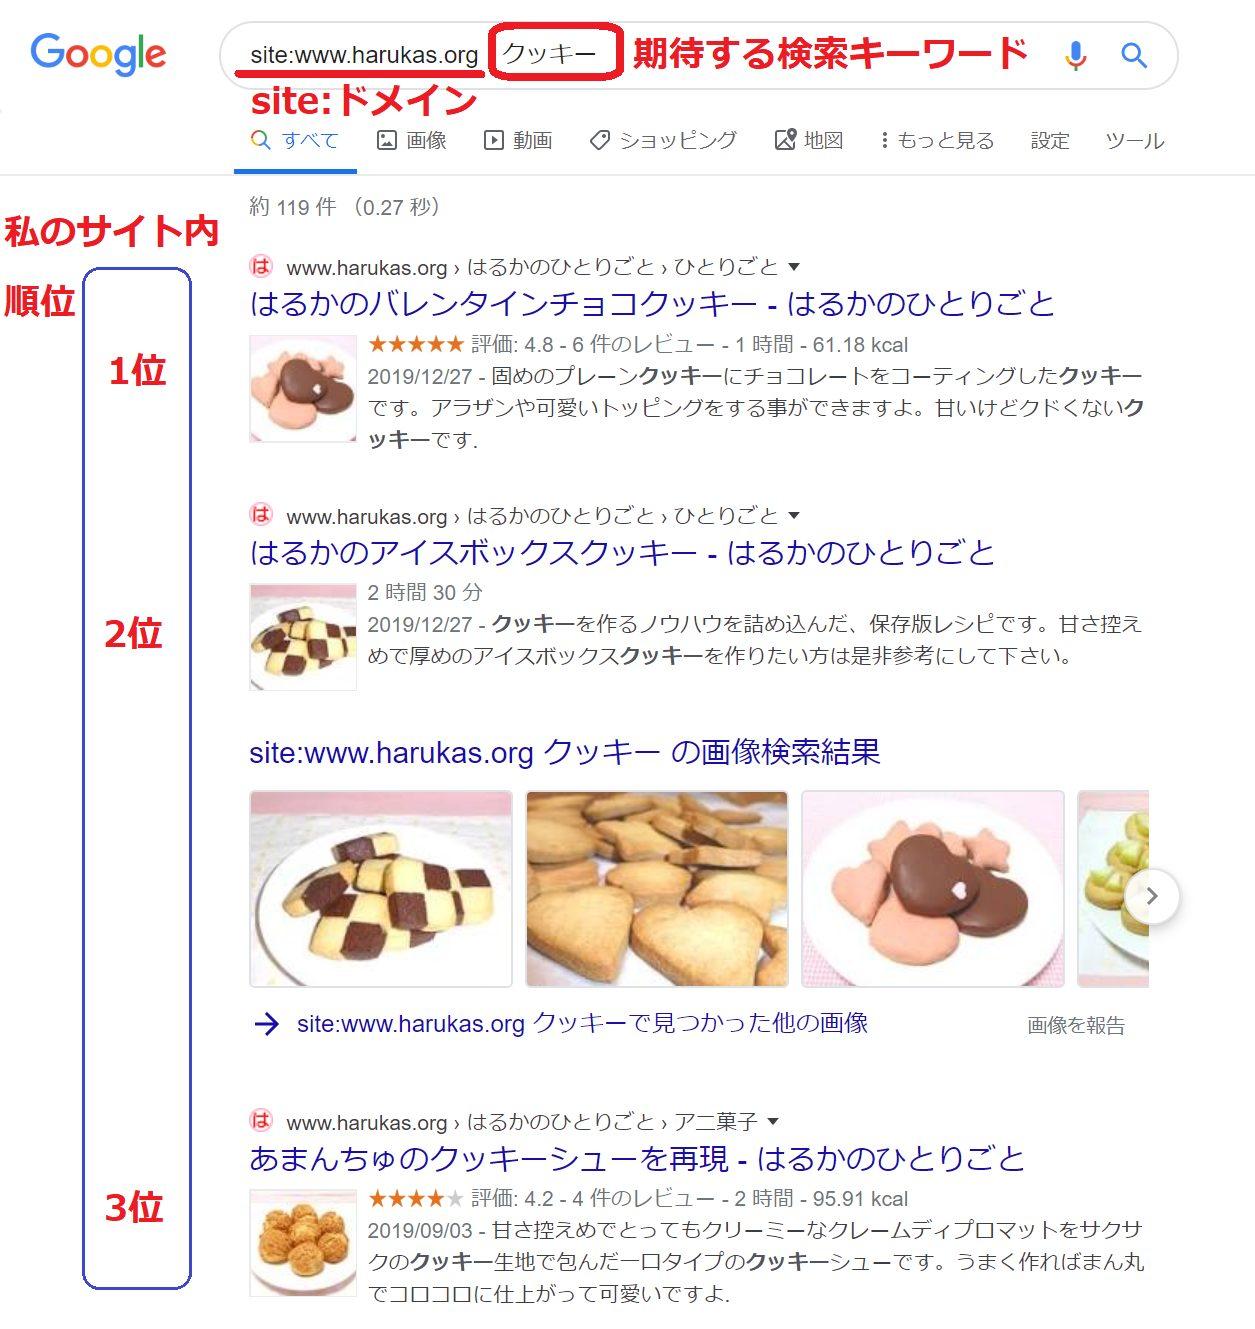 harukas.orgでクッキーというキーワードをGoogleがどのようにランキングするか